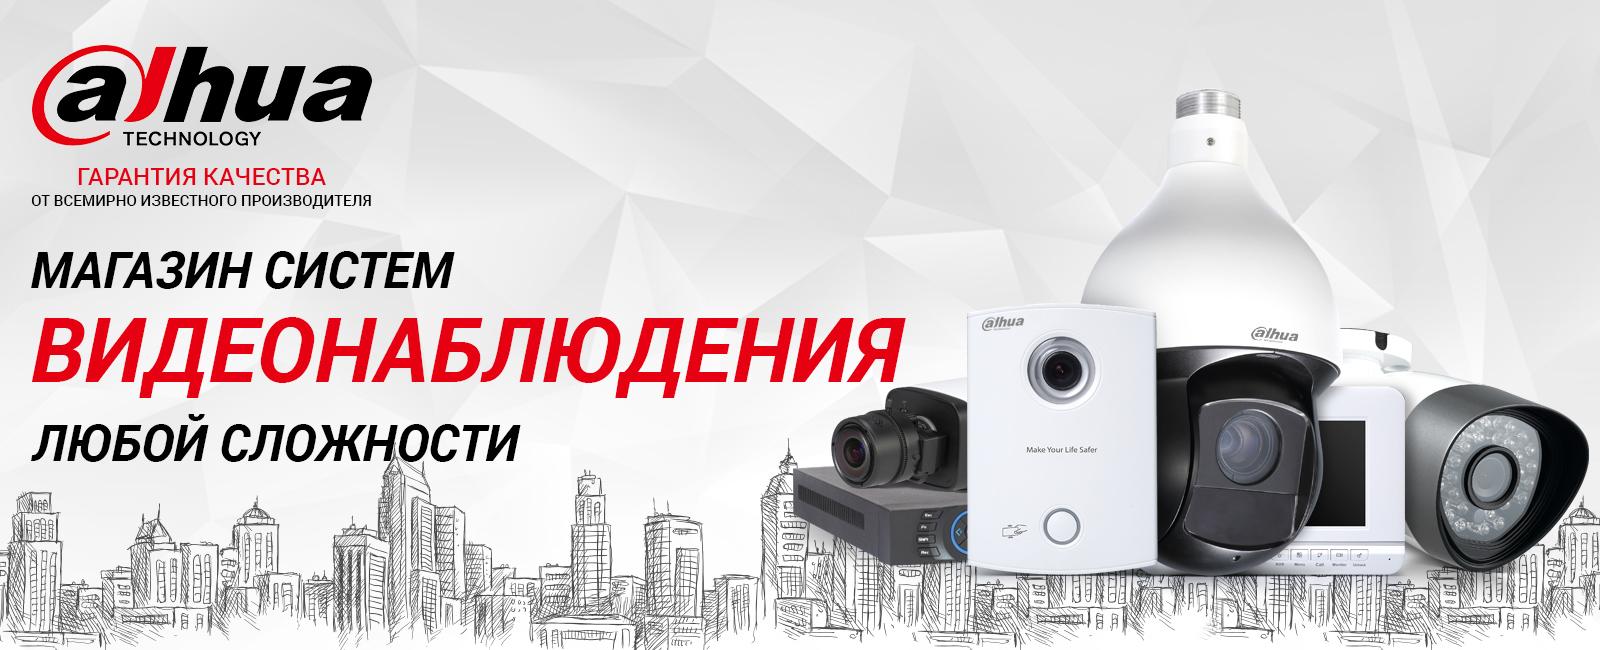 Скрытые камеры с wifi и датчиком движения